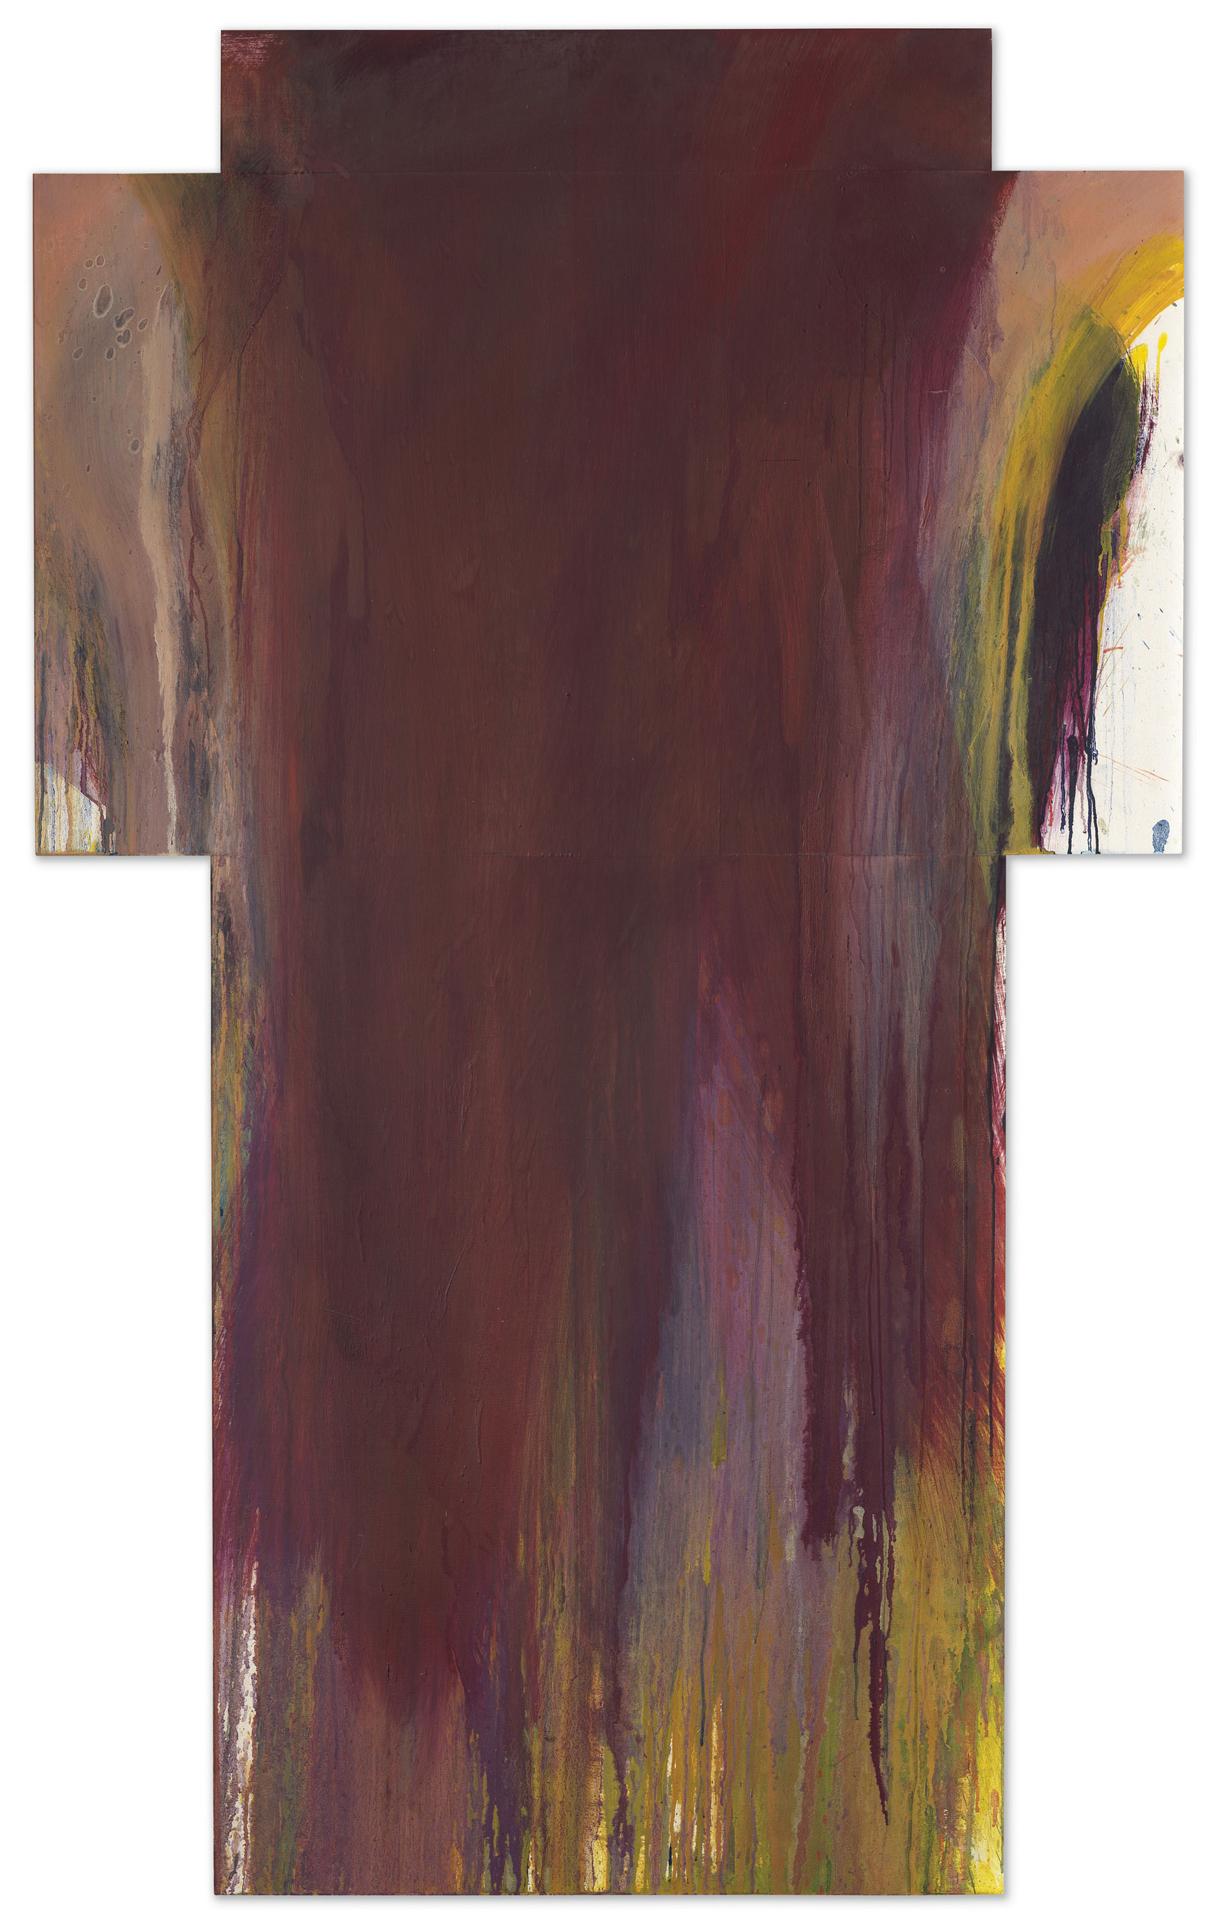 Arnulf Rainer, Weinkreuz, 1990/1991, Öl auf Karton auf Holz, 198,5 x 121 cm